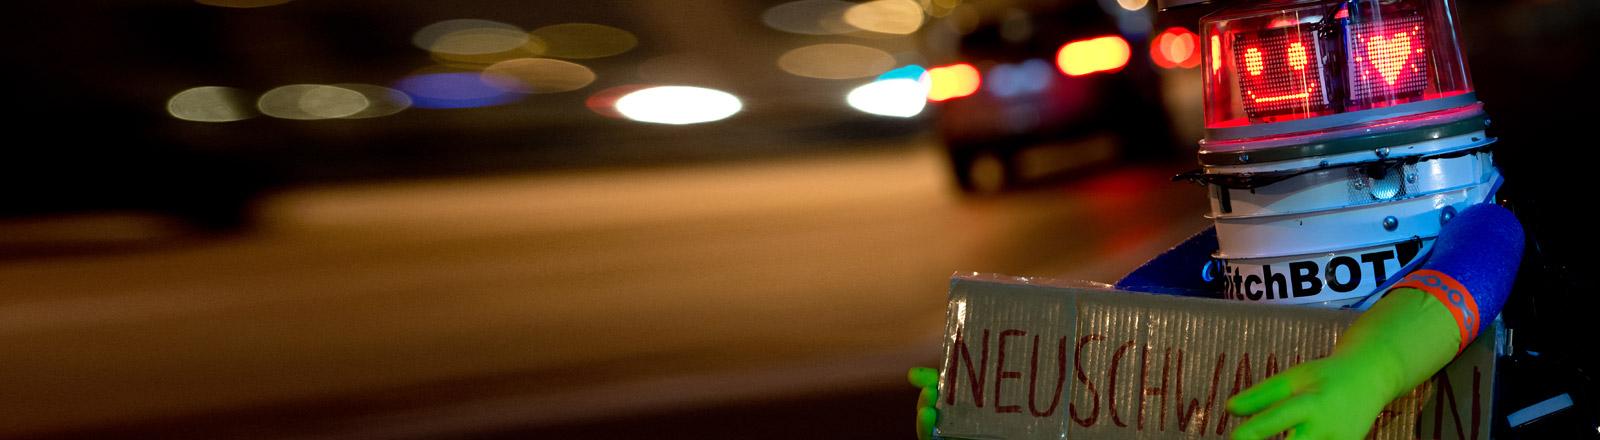 """Der Roboter Hitchbot hält ein Schild hoch mit der Aufschrift """"Neuschwanstein"""""""